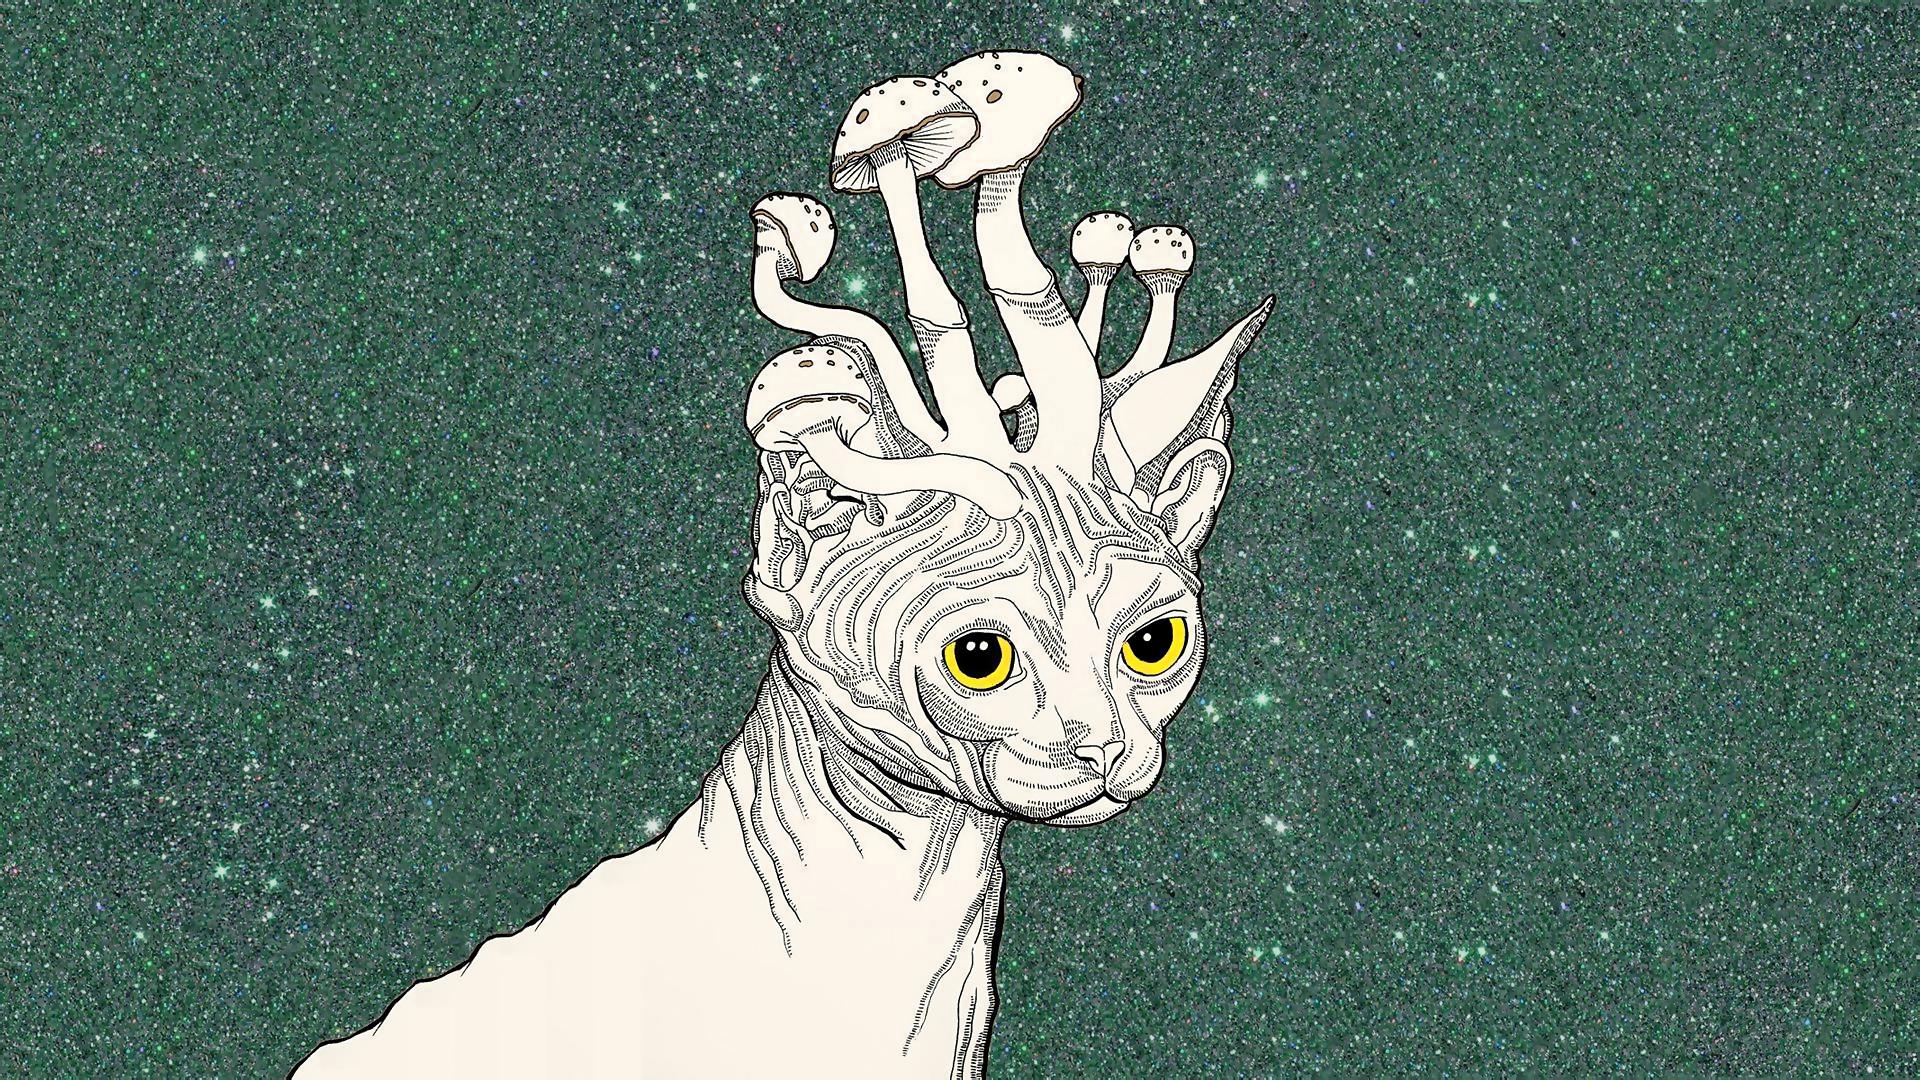 Good Wallpaper Mac Trippy - drawing-illustration-cat-cartoon-ART-mushrooms-sketch-trippy-stoner-571782  Collection_599054.jpg